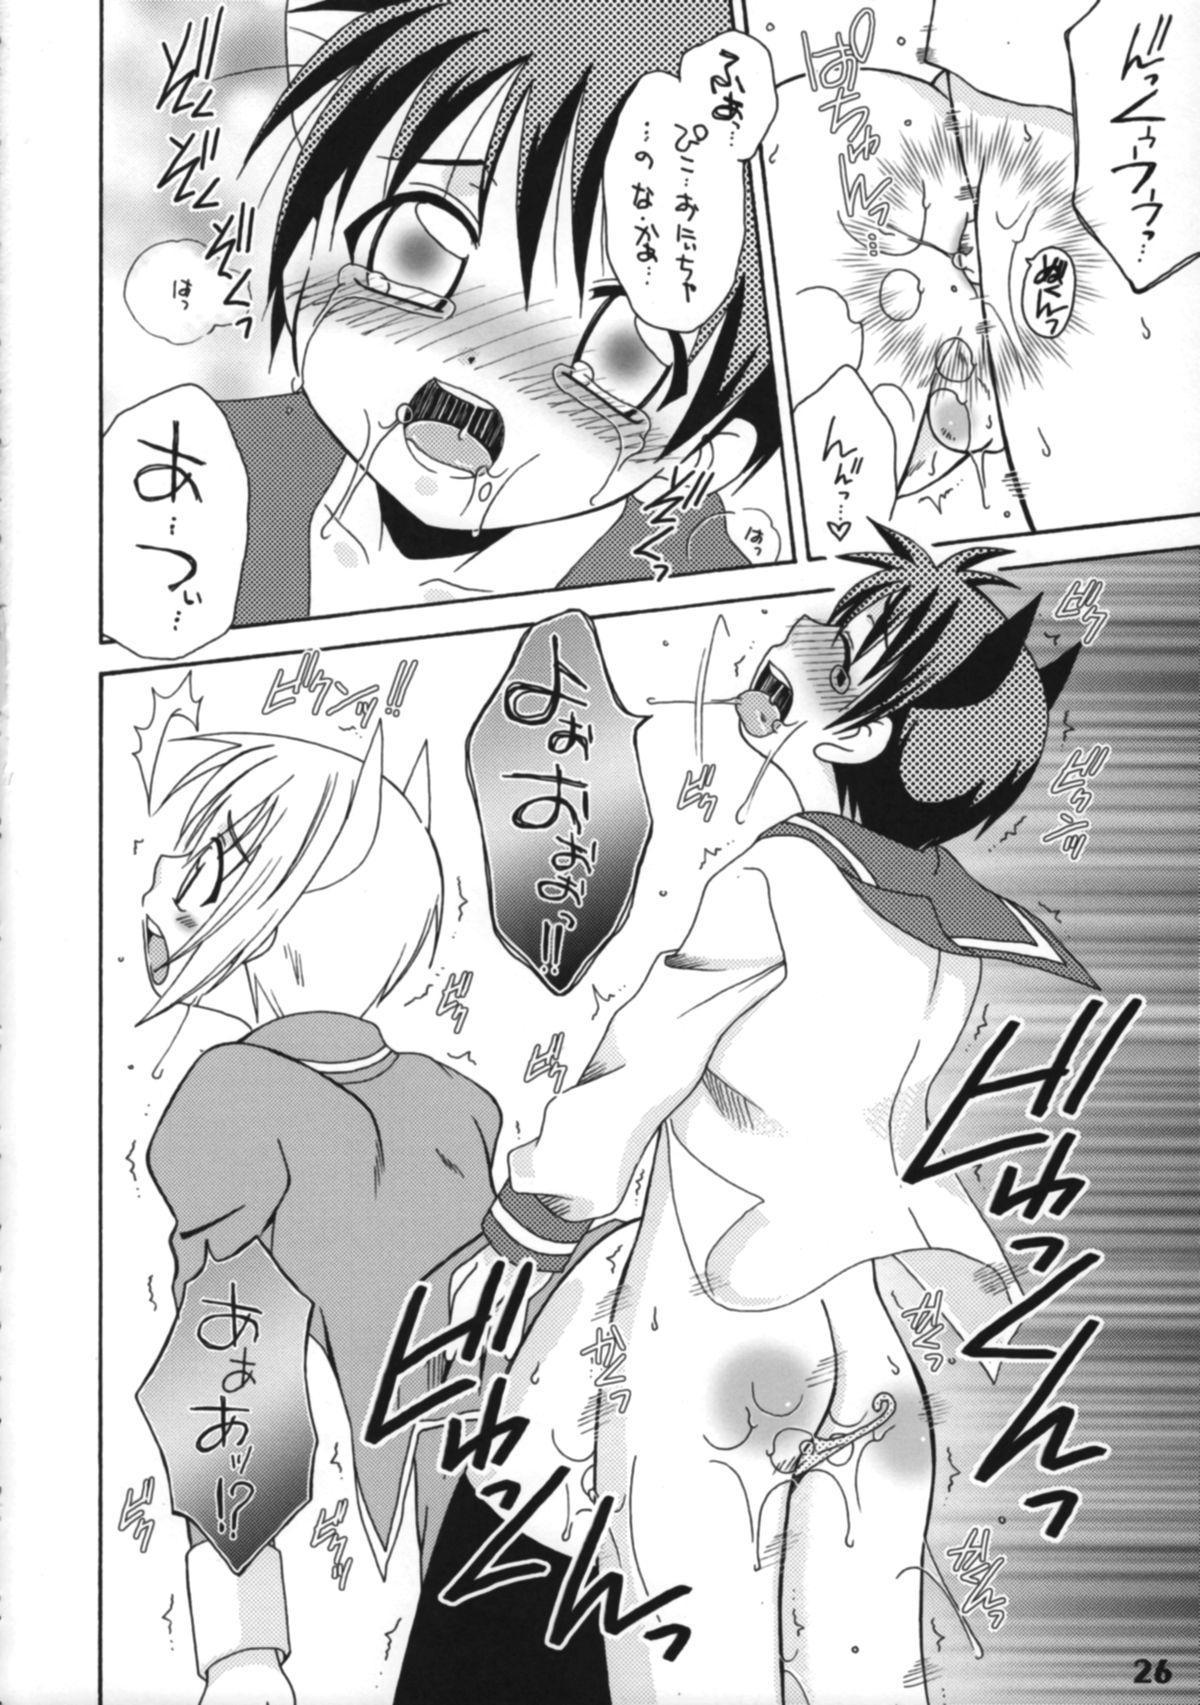 Bokutachi! Shotappuru!! 24